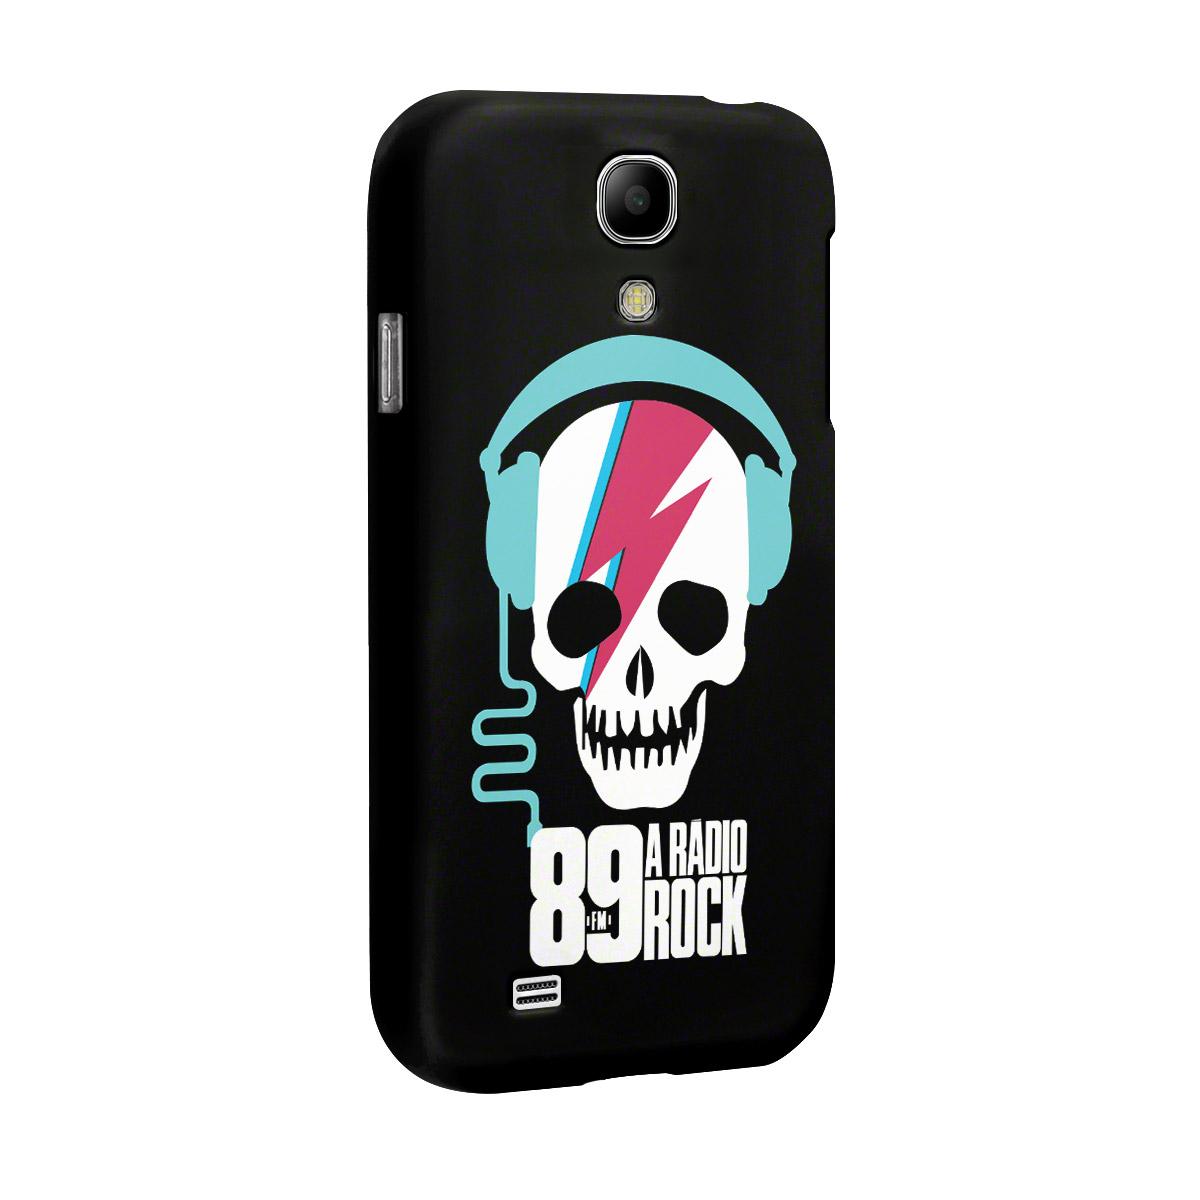 Capa de Celular Samsung Galaxy S4 89 FM Thunder Skull